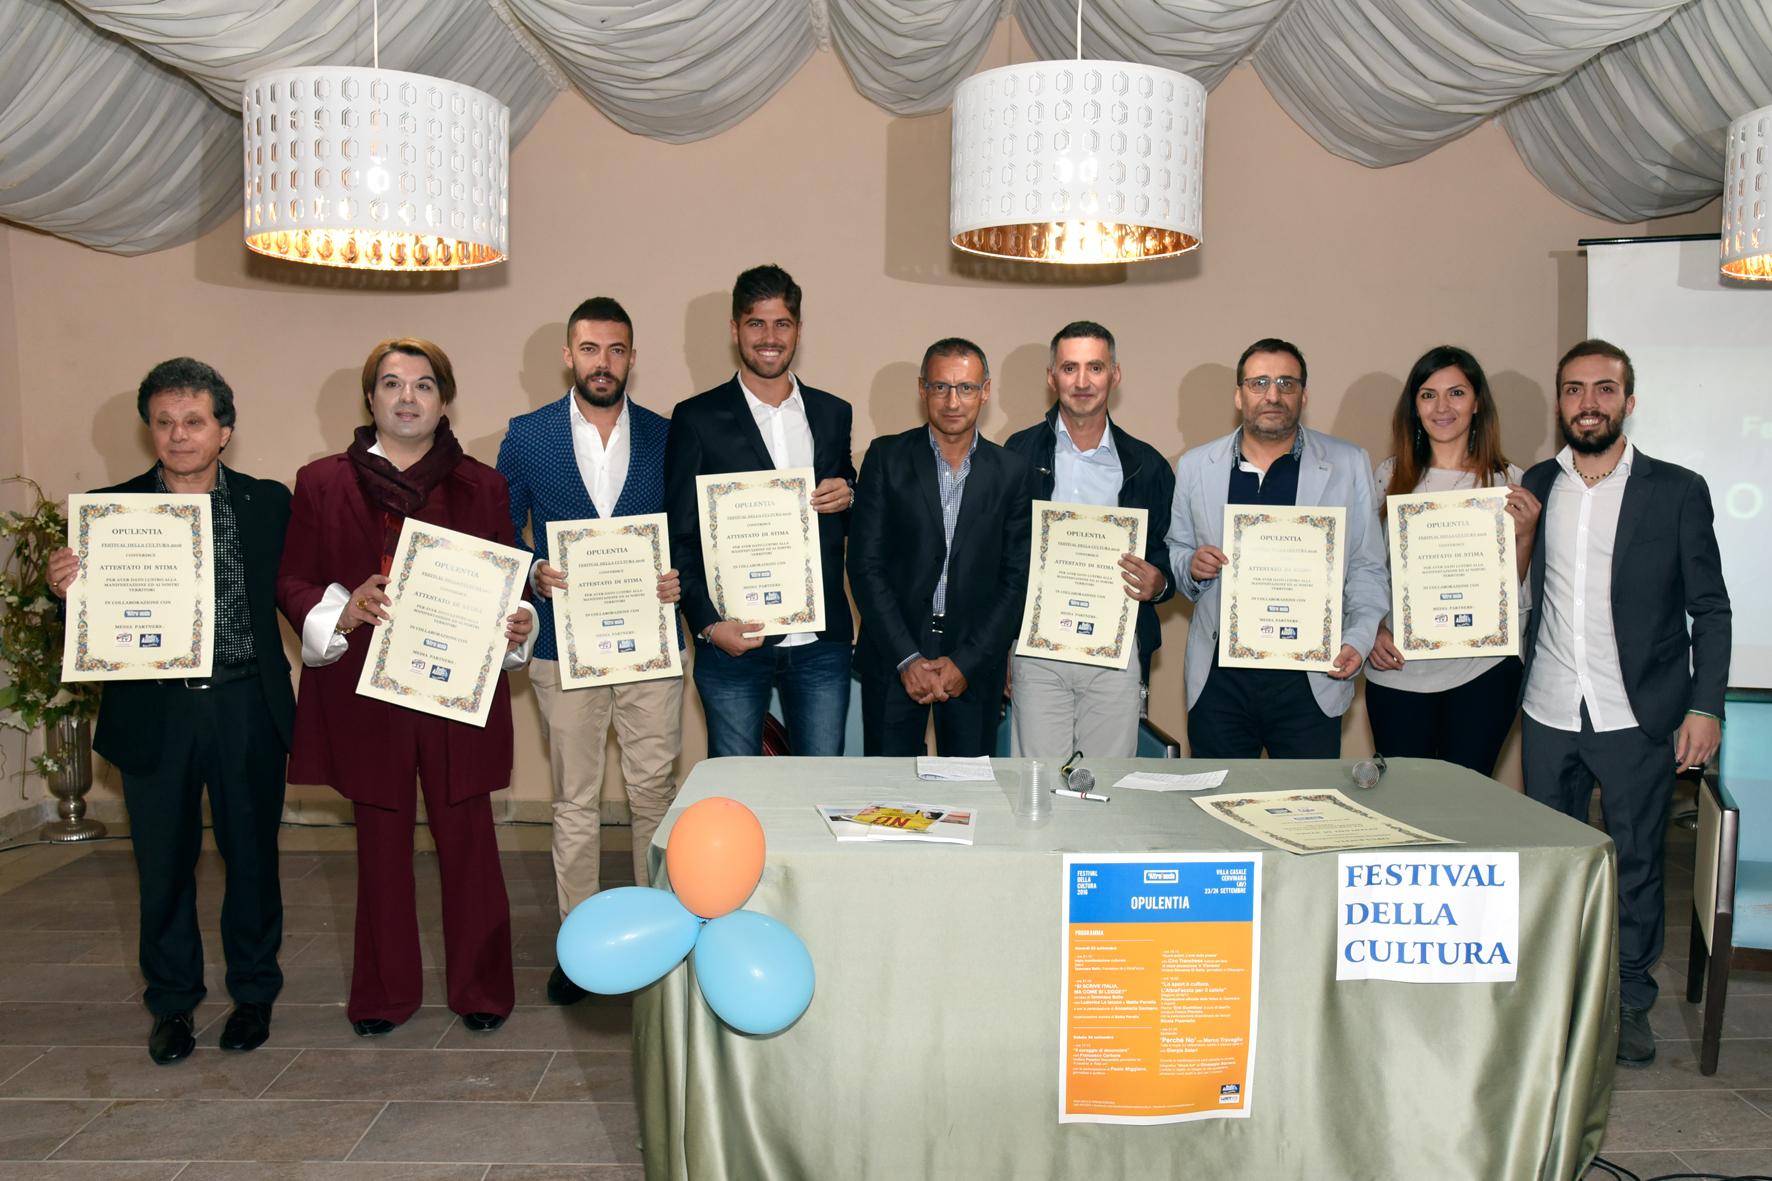 Cervinara|Successo per il festival della Cultura Opulentia ed il premio Eroi Quotidiani.